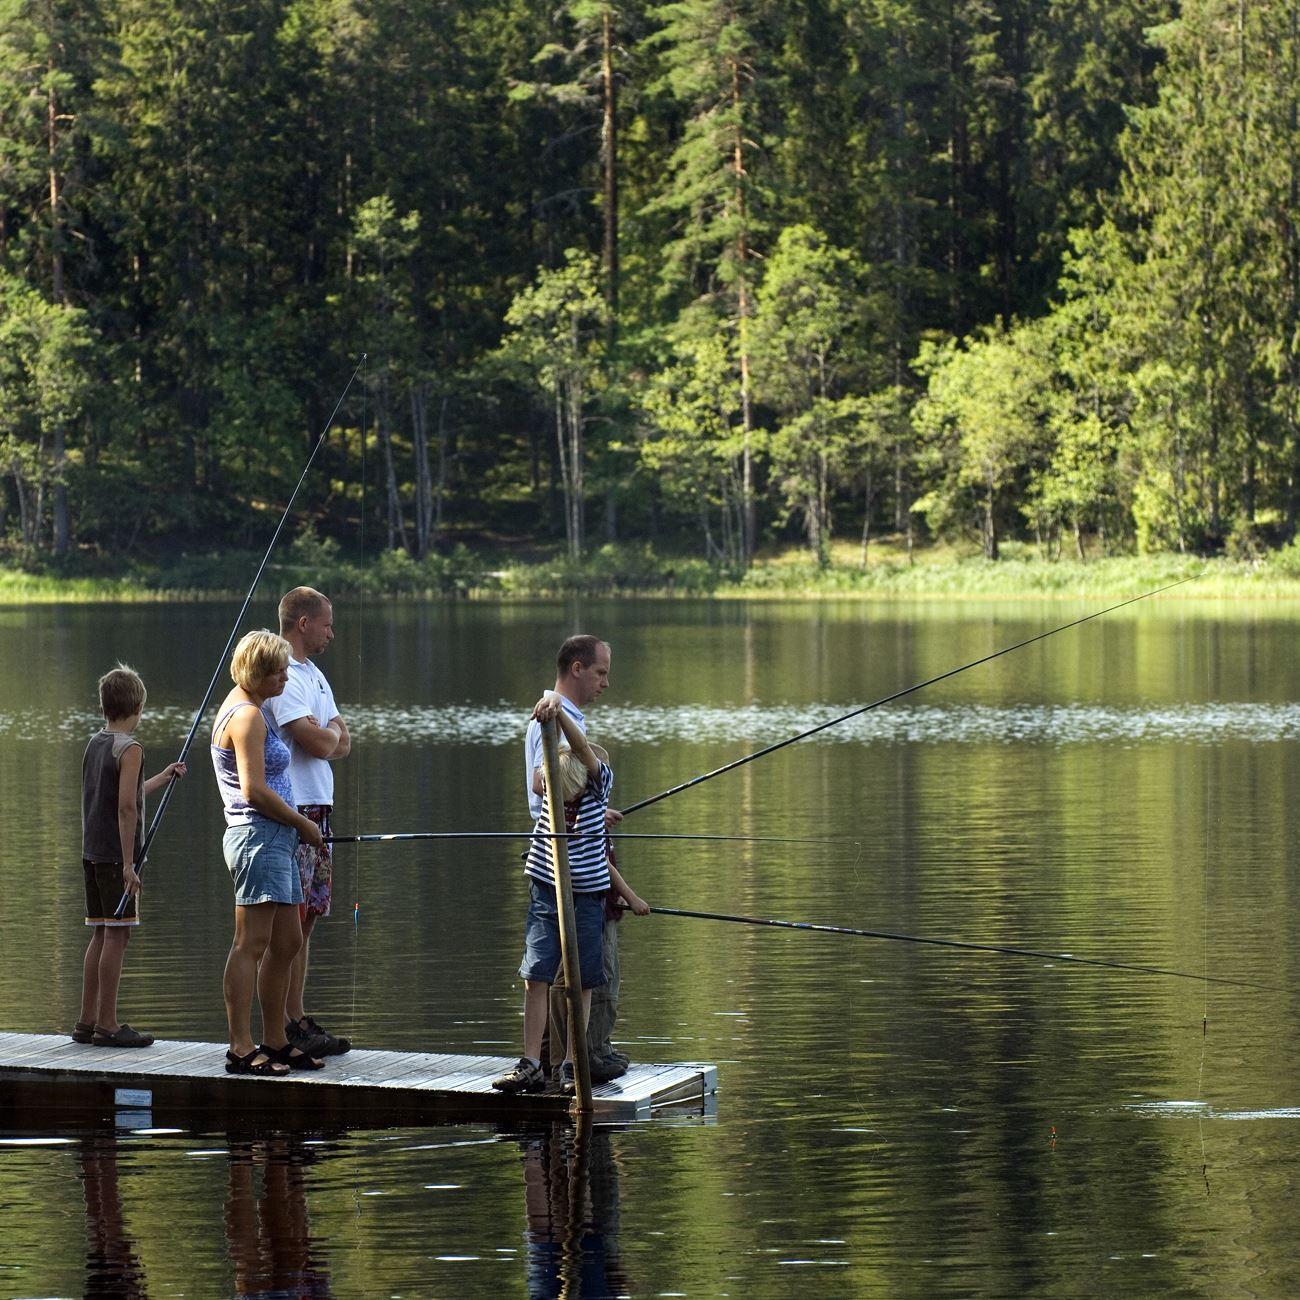 Foto: Smålandsbilder.se,  © Värnamo Näringsliv AB , Fiske i Helgasjön